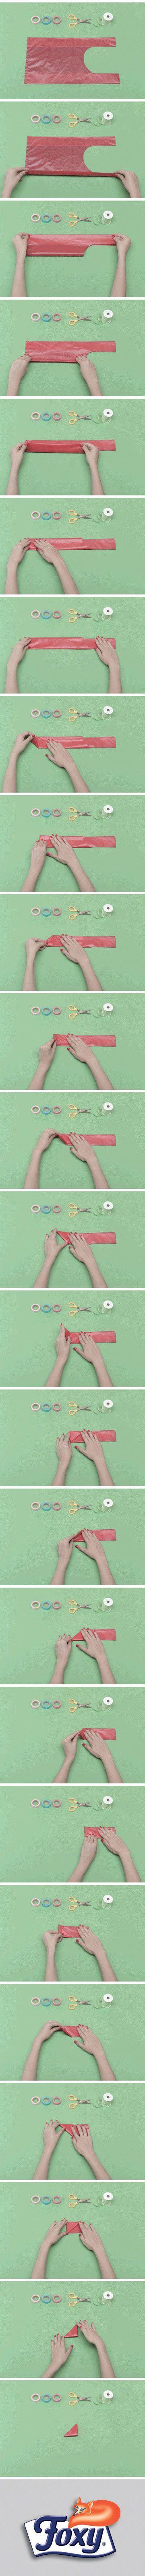 Piega in due la busta di plastica, sovrapponendo i due manici e formando un lungo rettangolo di plastica. Ora, piega un angolo del rettangolo e continua a girare su se stesso il triangolino ottenuto. In questo modo, trasformerai la busta in un piccolissimo tramezzino di plastica che trova spazio ovunque.  Scopri tutti i segreti per organizzare al meglio gli spazi in casa su www.foxymega.it  #foxy #minimize #ripiegare #spazio #buste